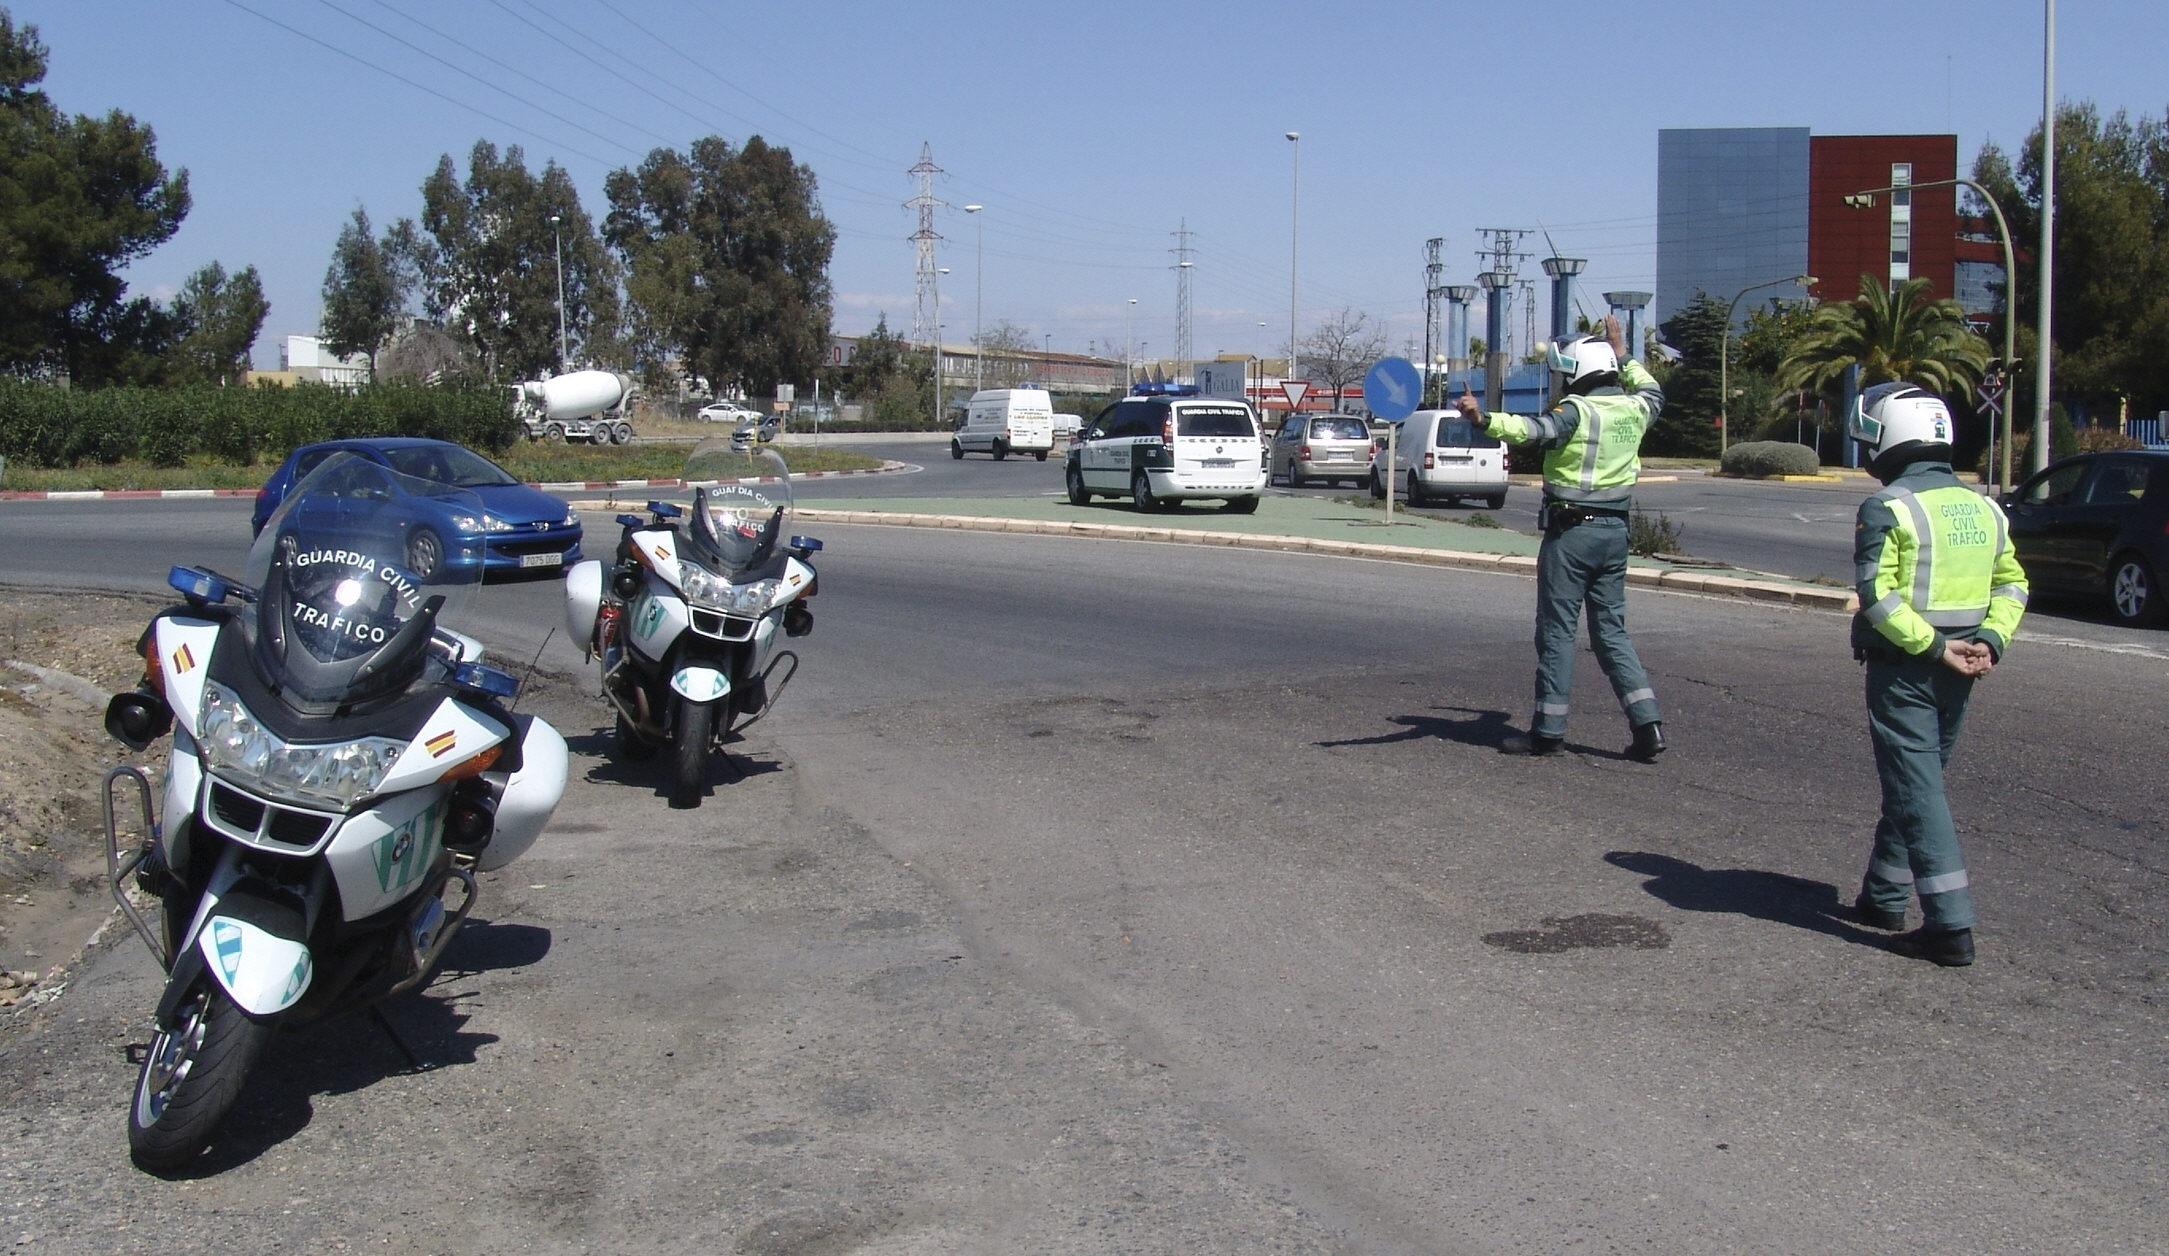 Una mujer de 51 años, detenida por conducir 23 kilómetros en sentido contrario